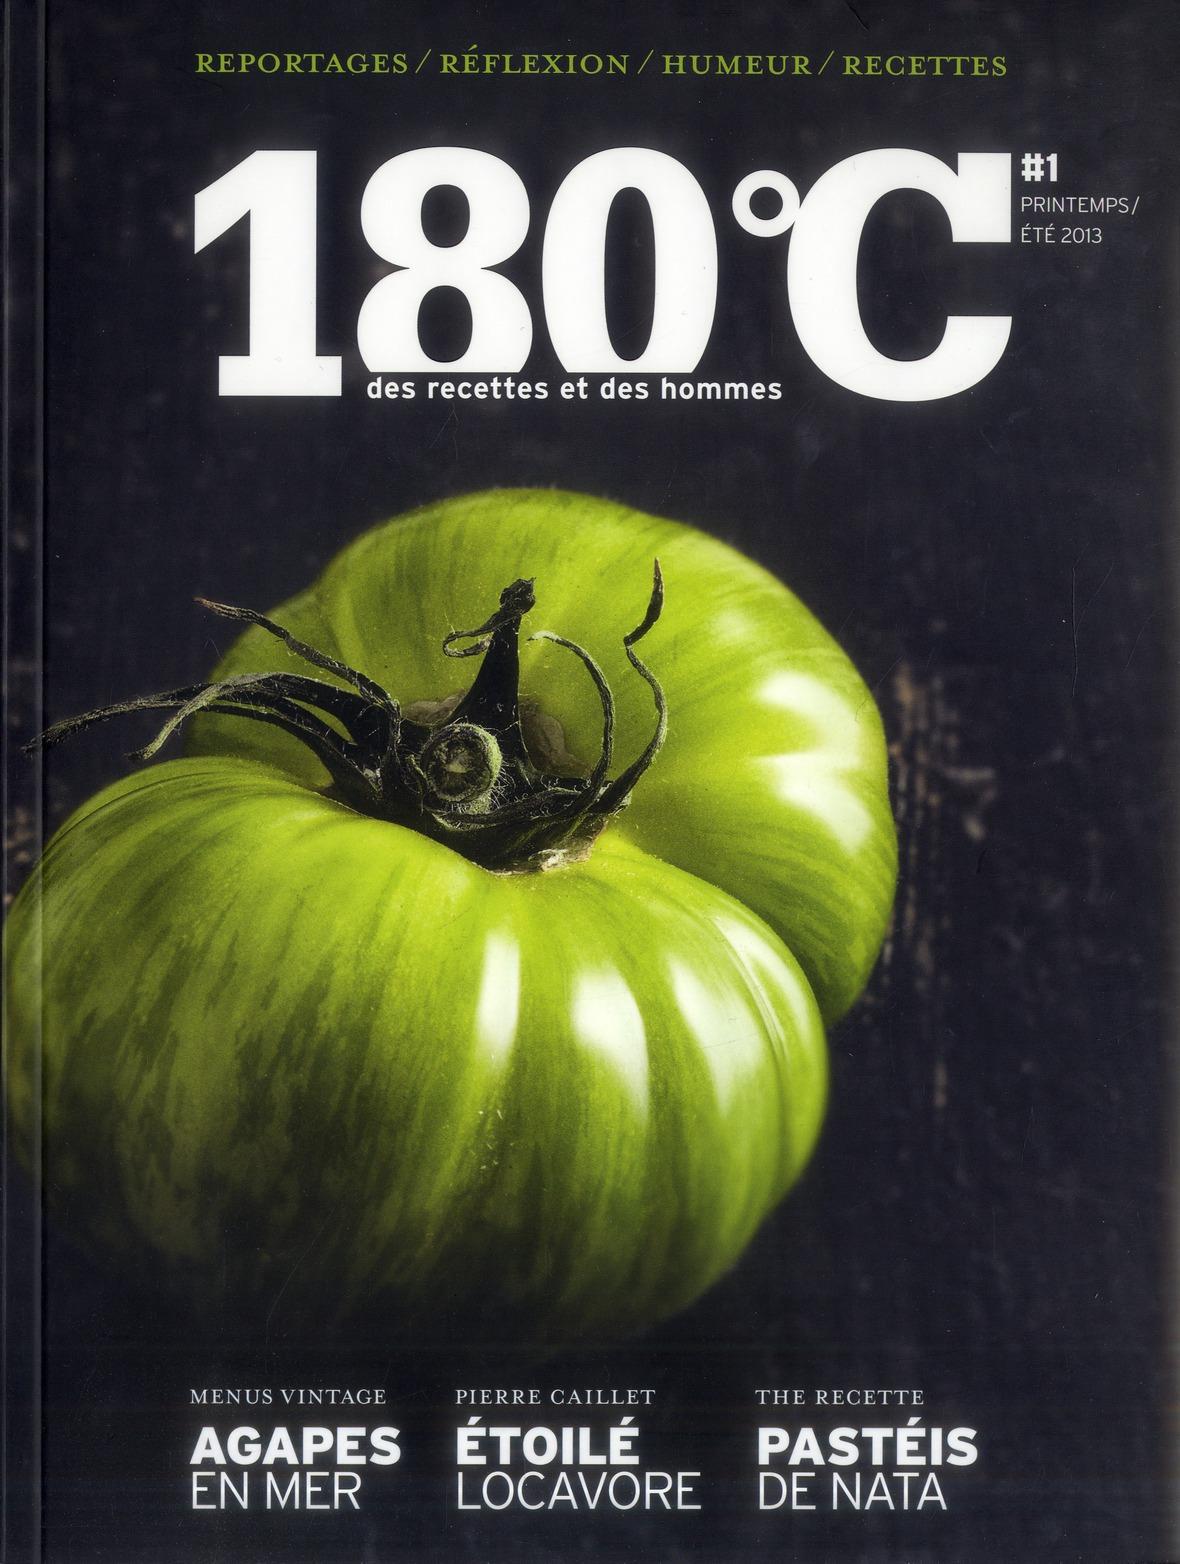 180 DEGRES C DES RECETTES ET DES HOMMES. VOL 1